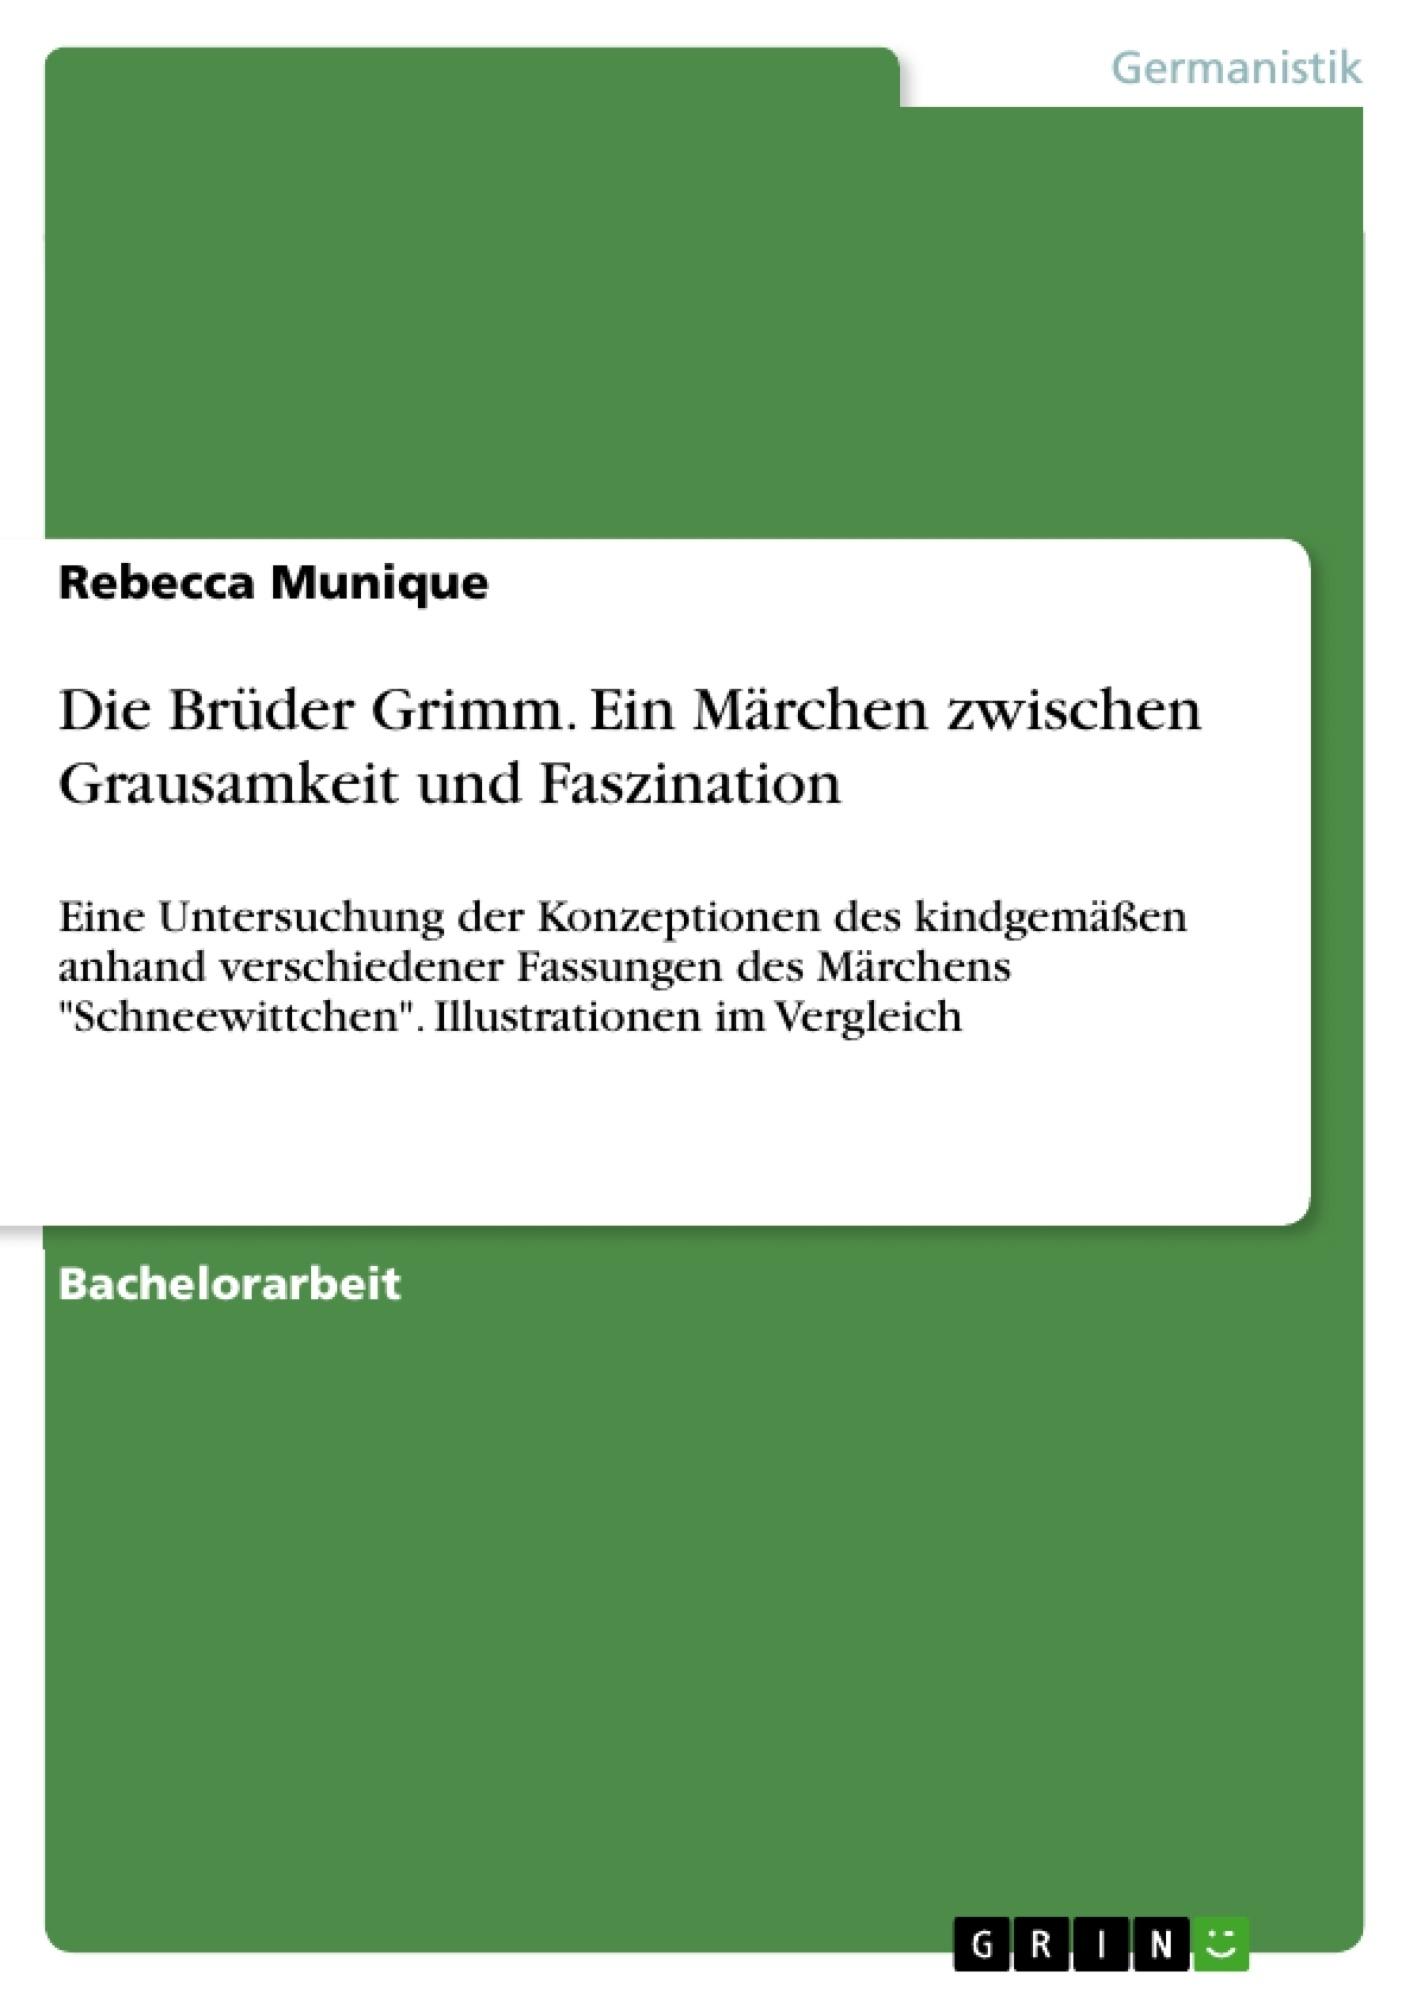 Titel: Die Brüder Grimm. Ein Märchen zwischen Grausamkeit und Faszination